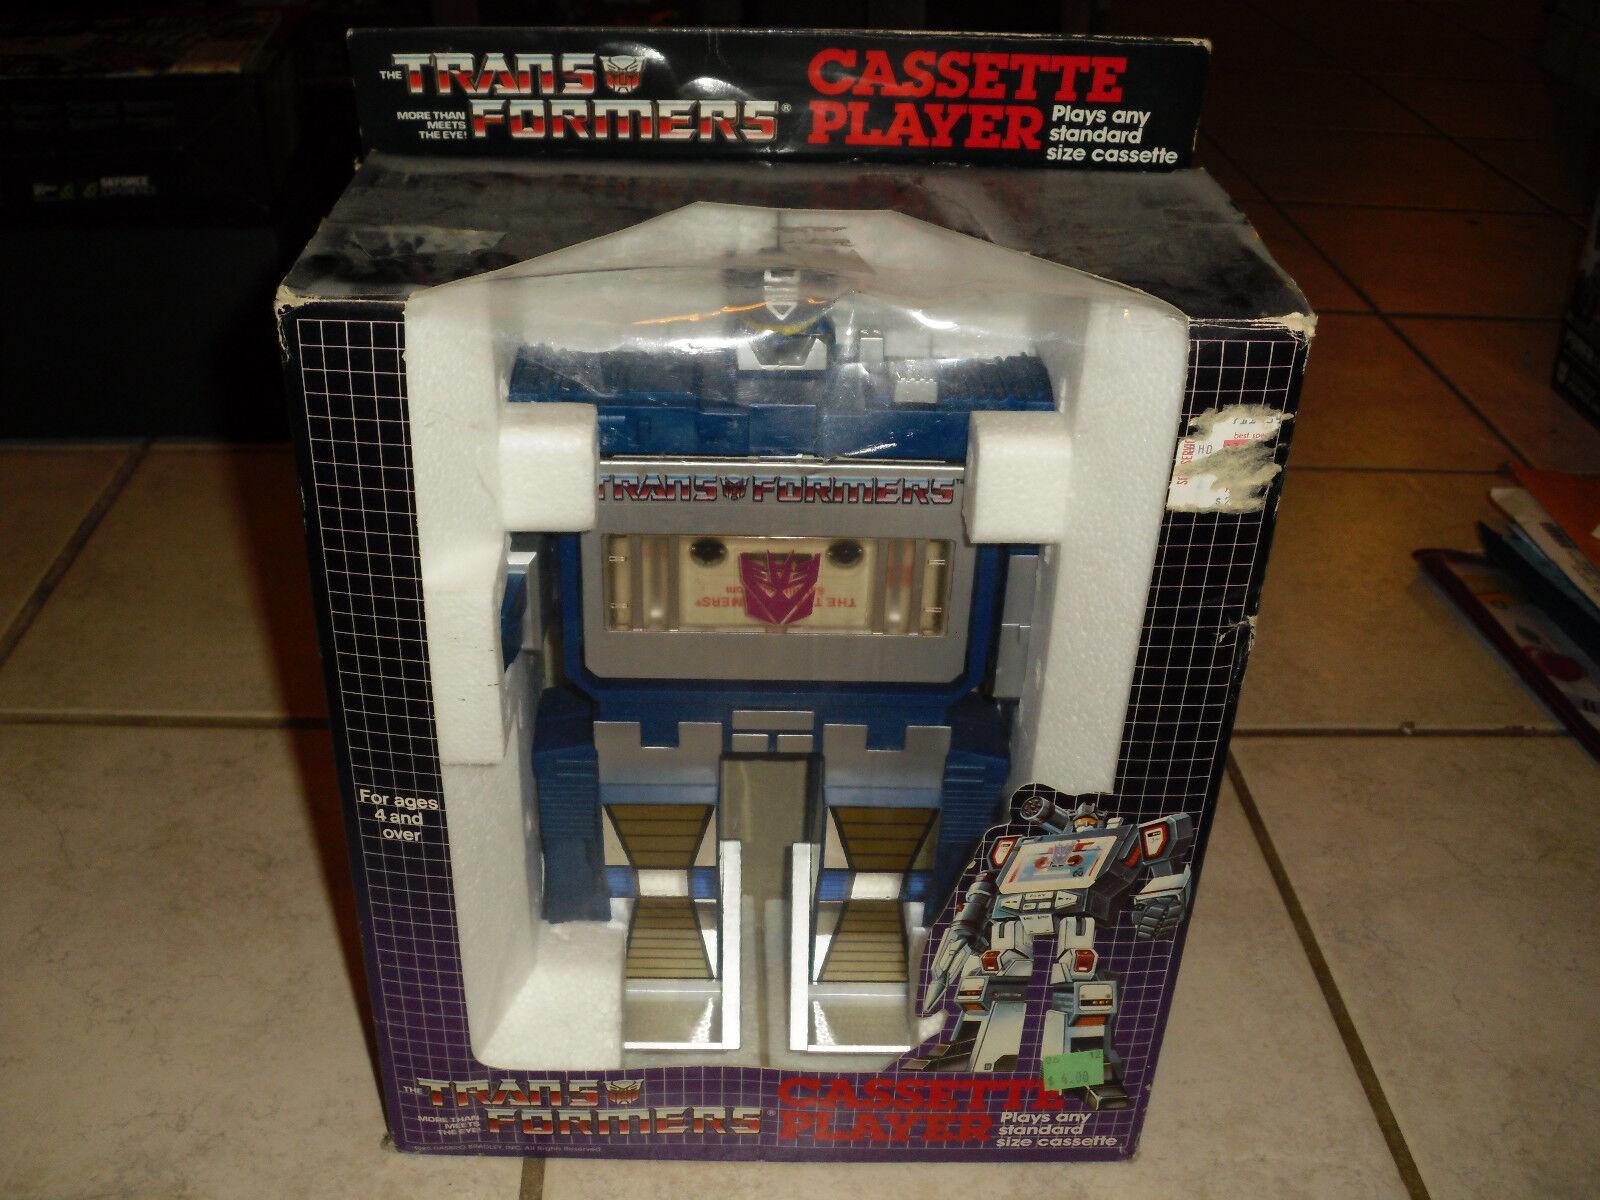 descuento de ventas Transformers onda de sonido Reproductor de de de Cassete  ventas en línea de venta